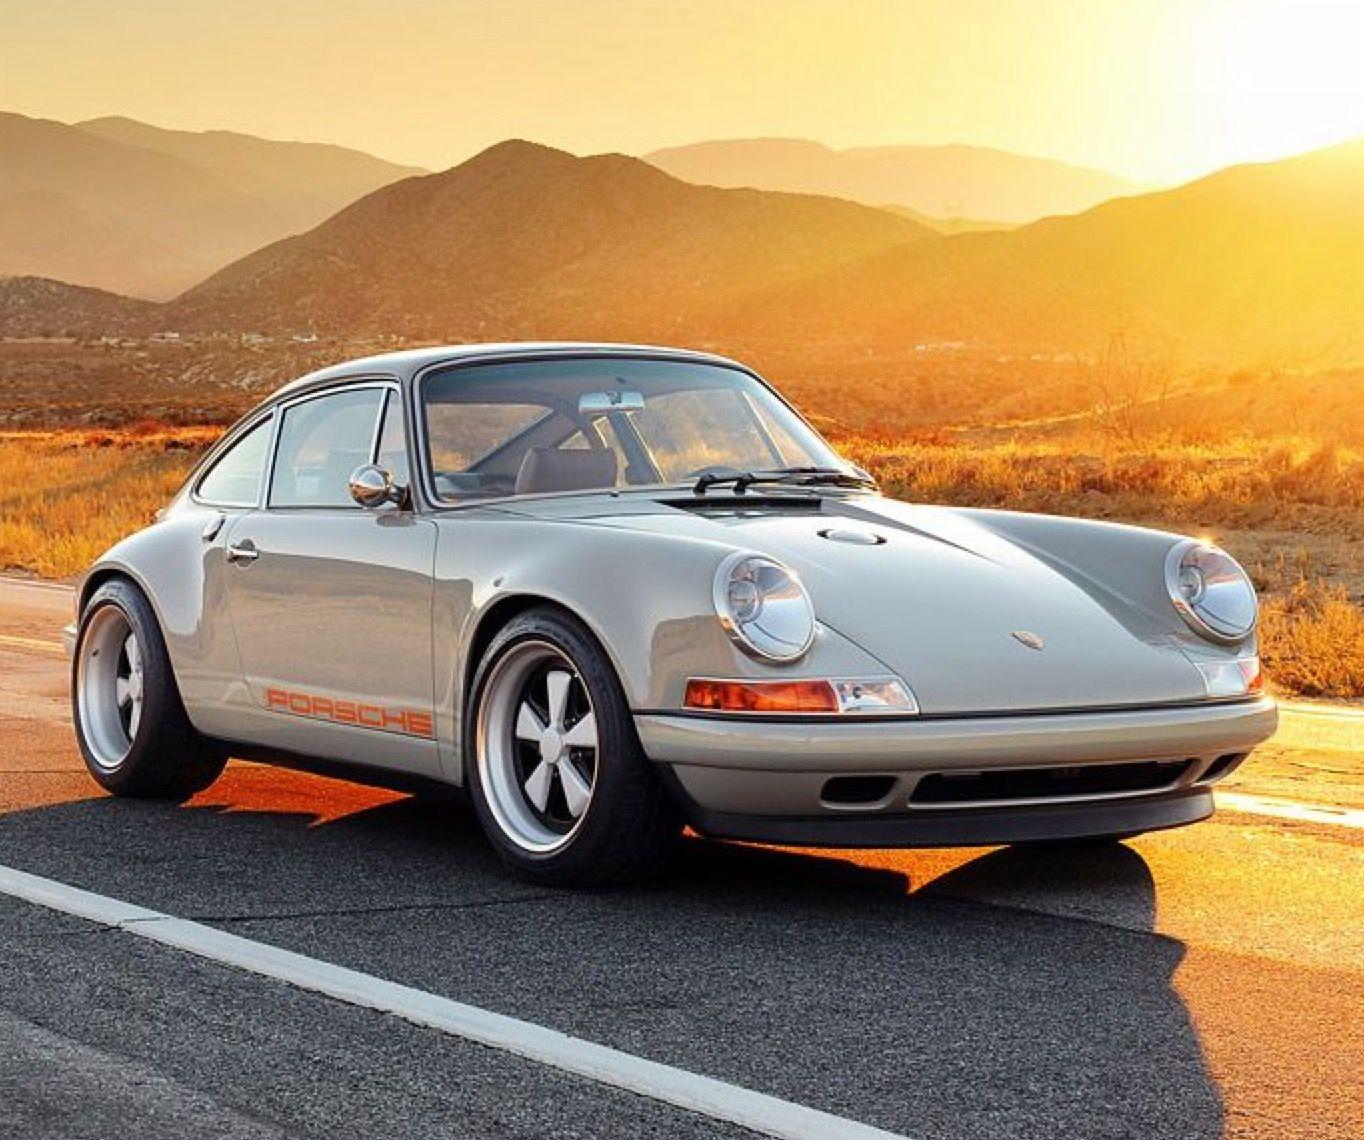 Pin By Mackenzie Robison On Cars Singer Porsche Classic Porsche Porsche 911